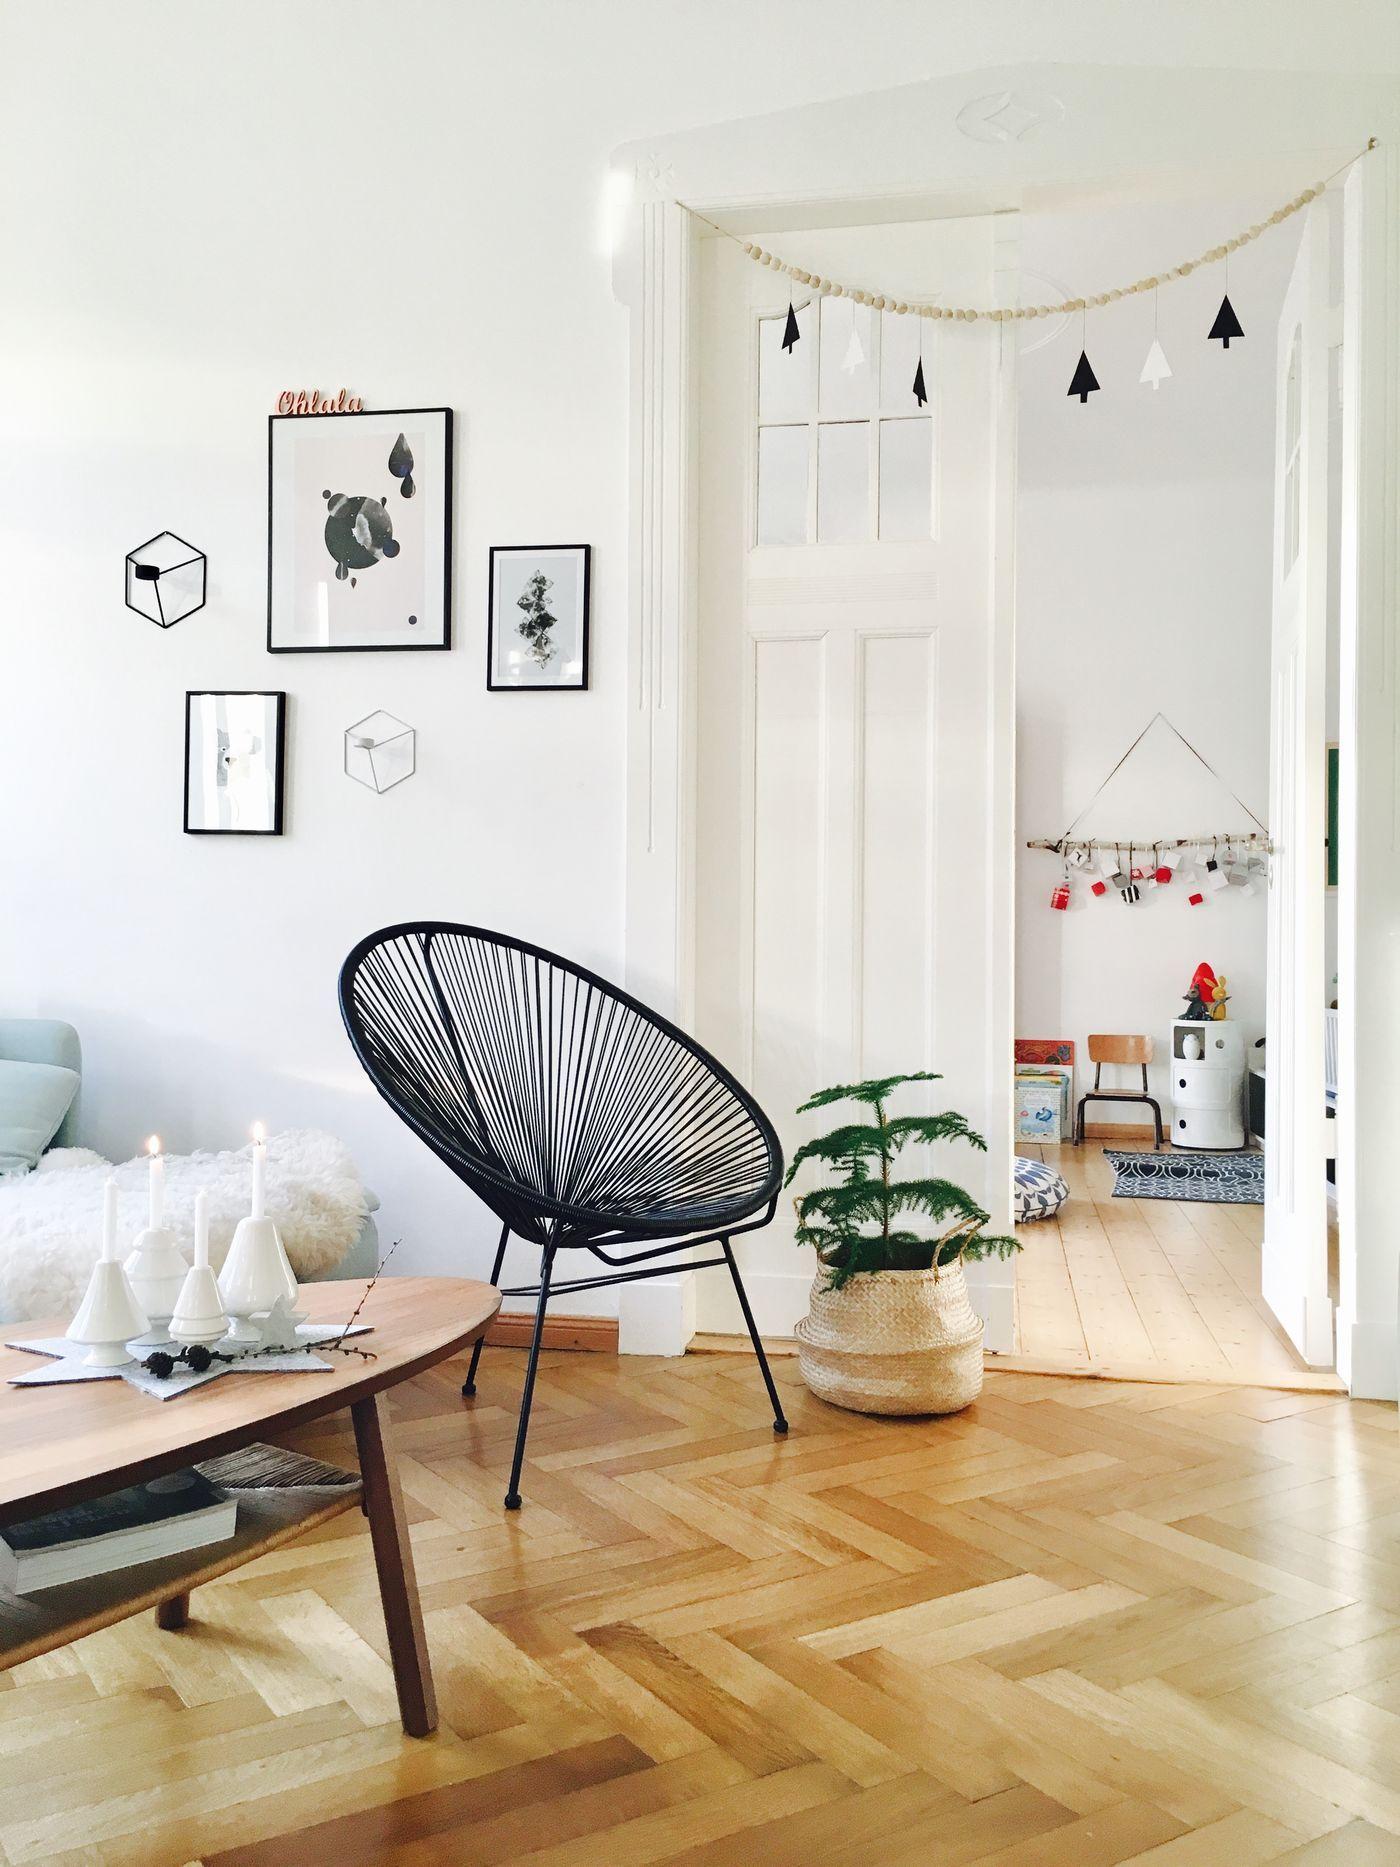 die besten ideen f r deinen adventskranz seite 9. Black Bedroom Furniture Sets. Home Design Ideas